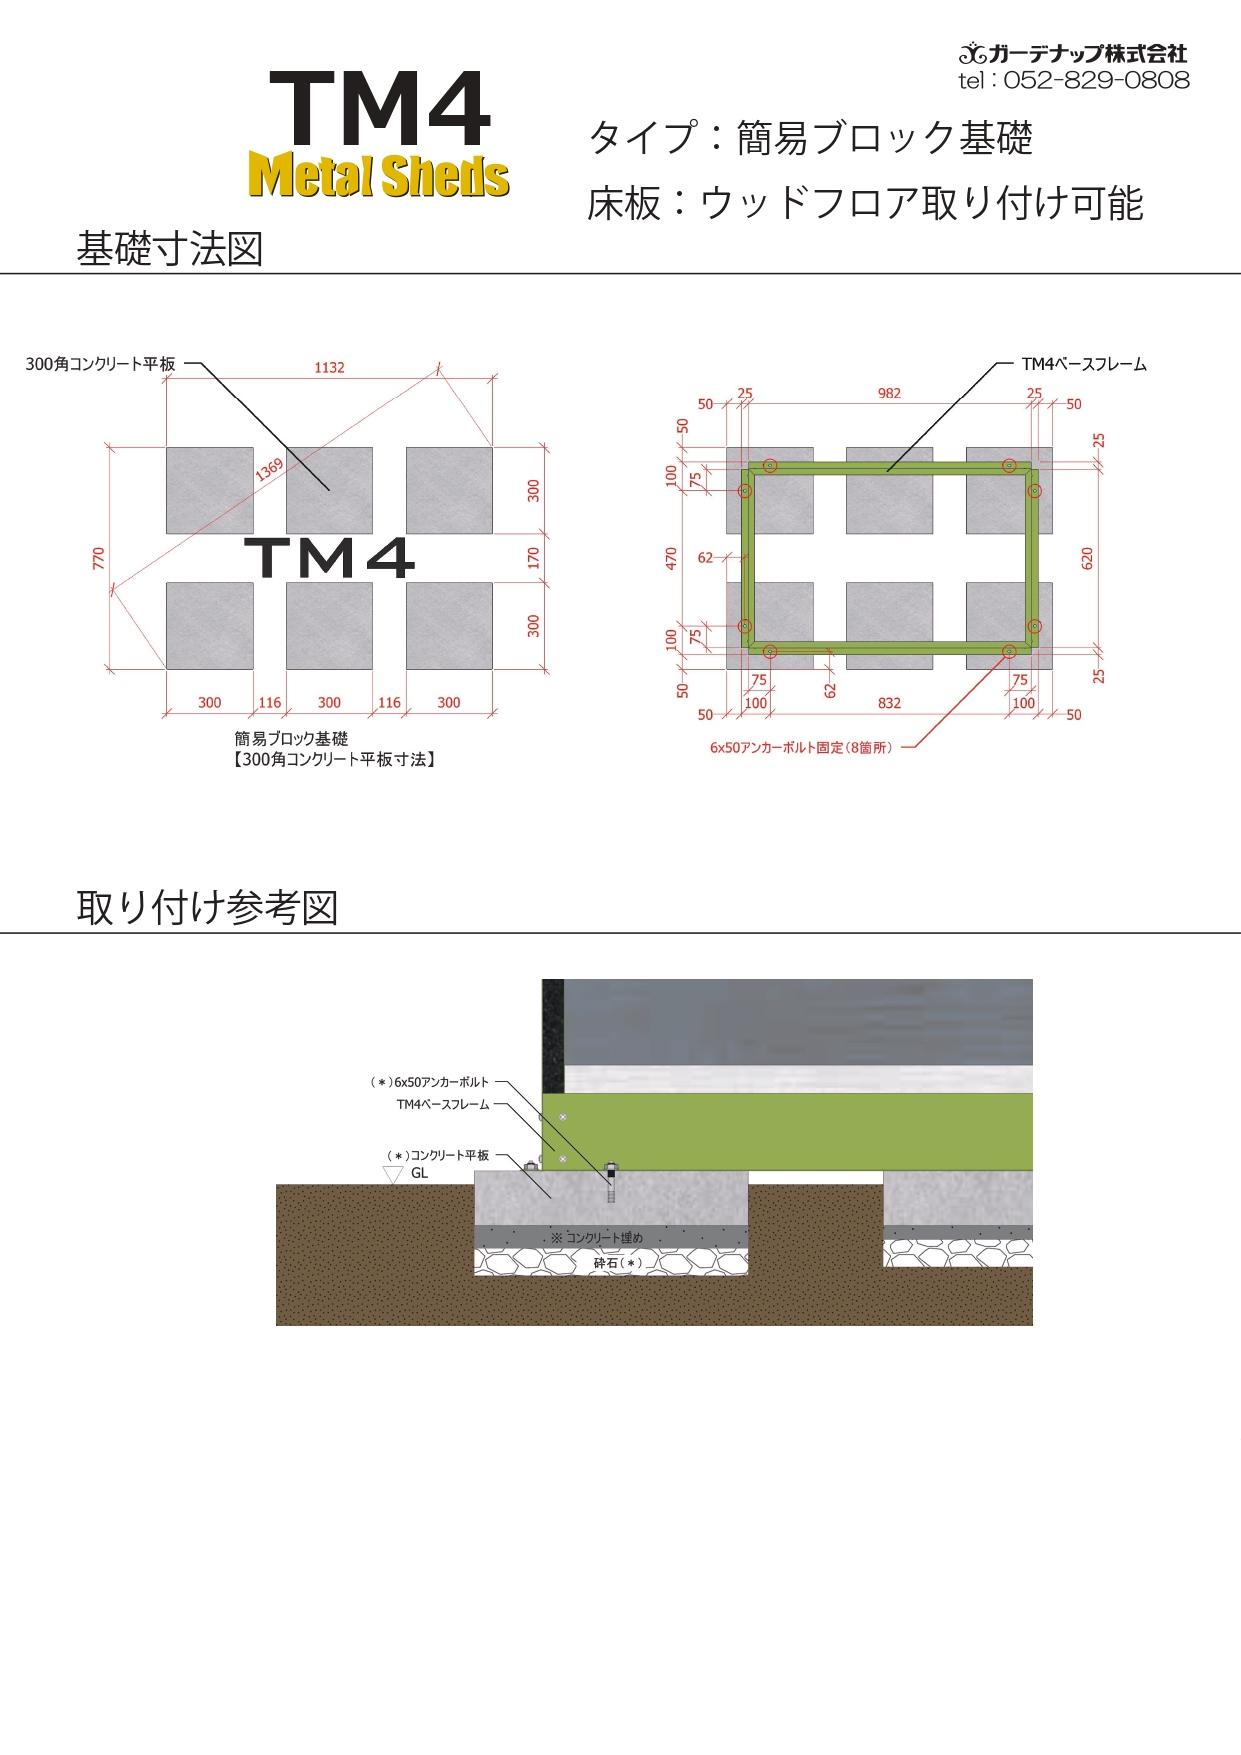 ミニストレージTM4 説明書_page-0017